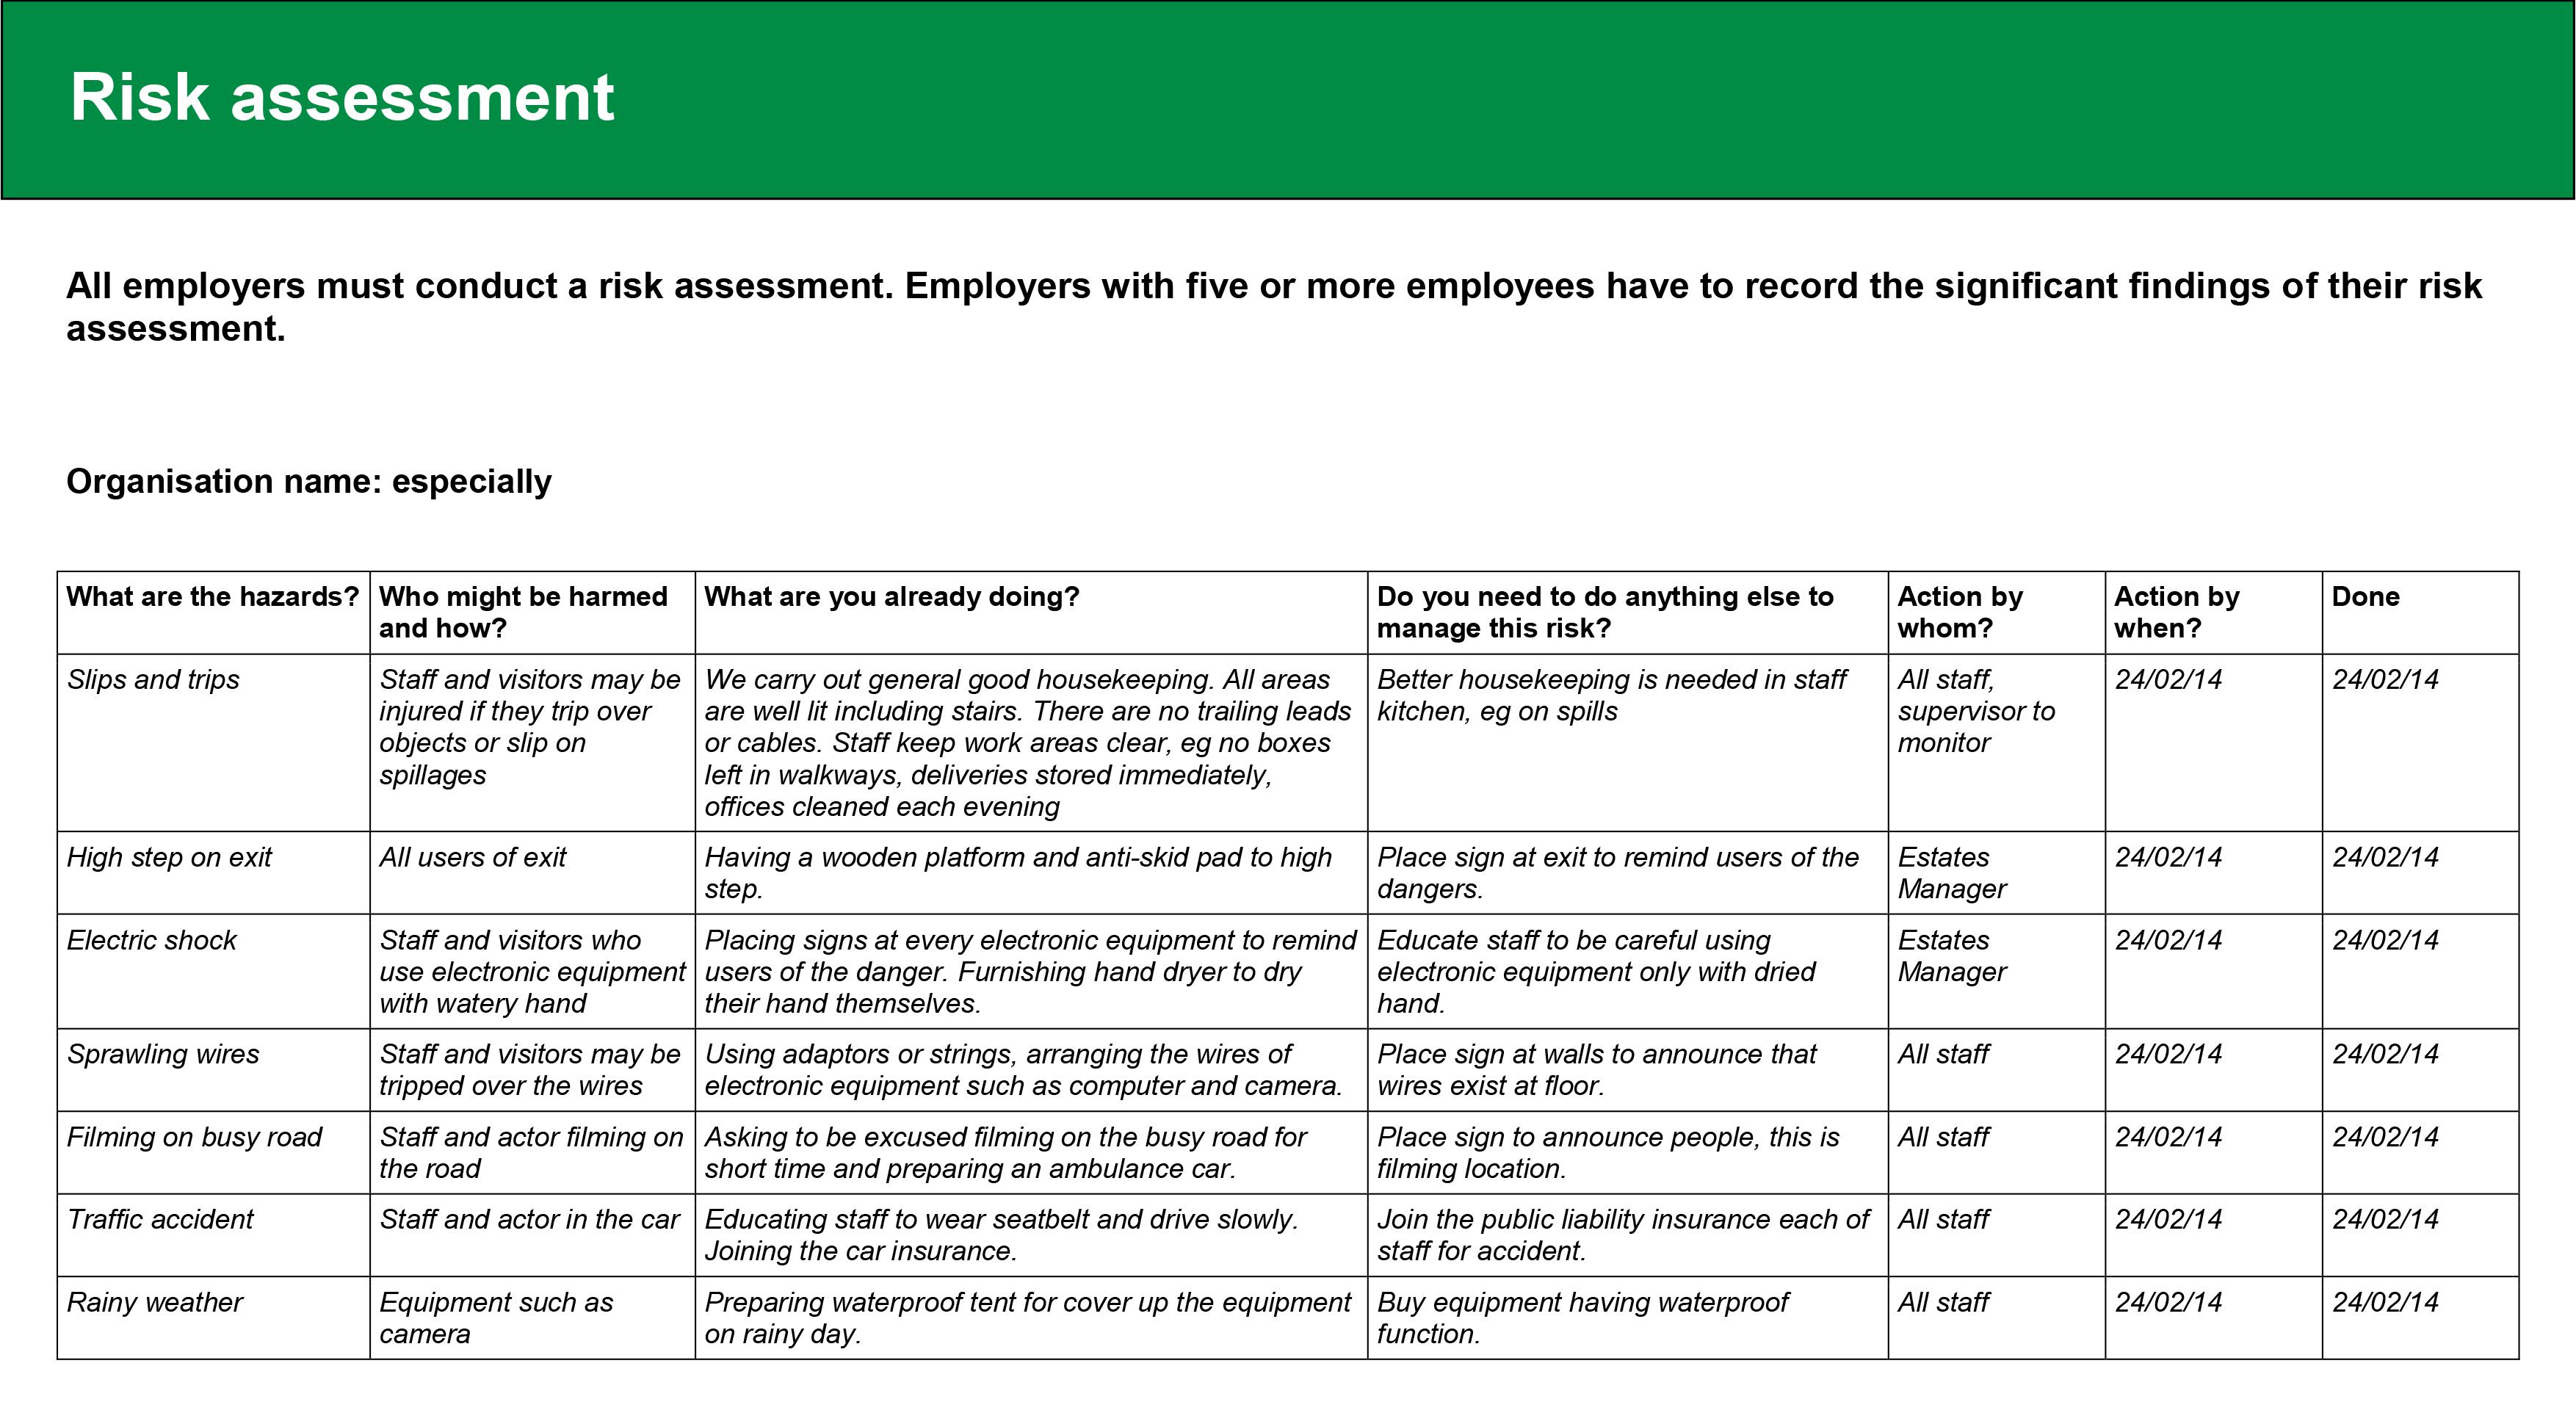 6 Risk Assessment Report